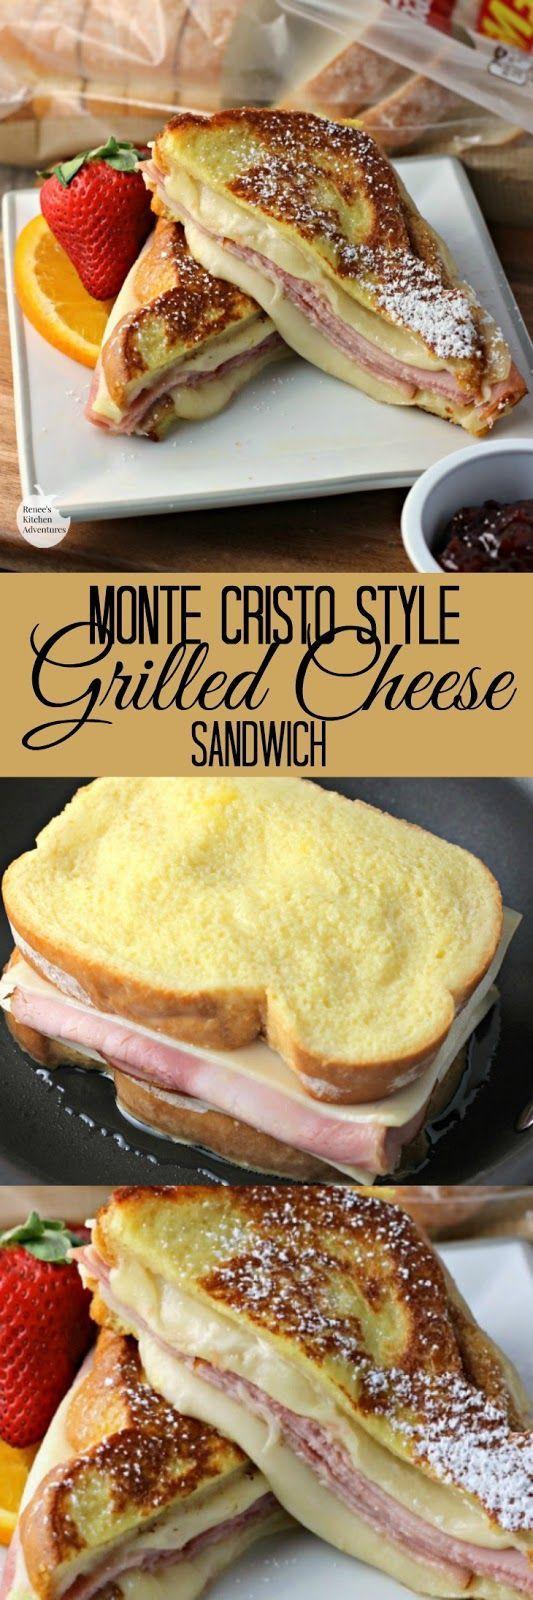 Monte Cristo Style Grilled Cheese Sandwich con jamon, queso rebozado con huevo y grillado en sarten.